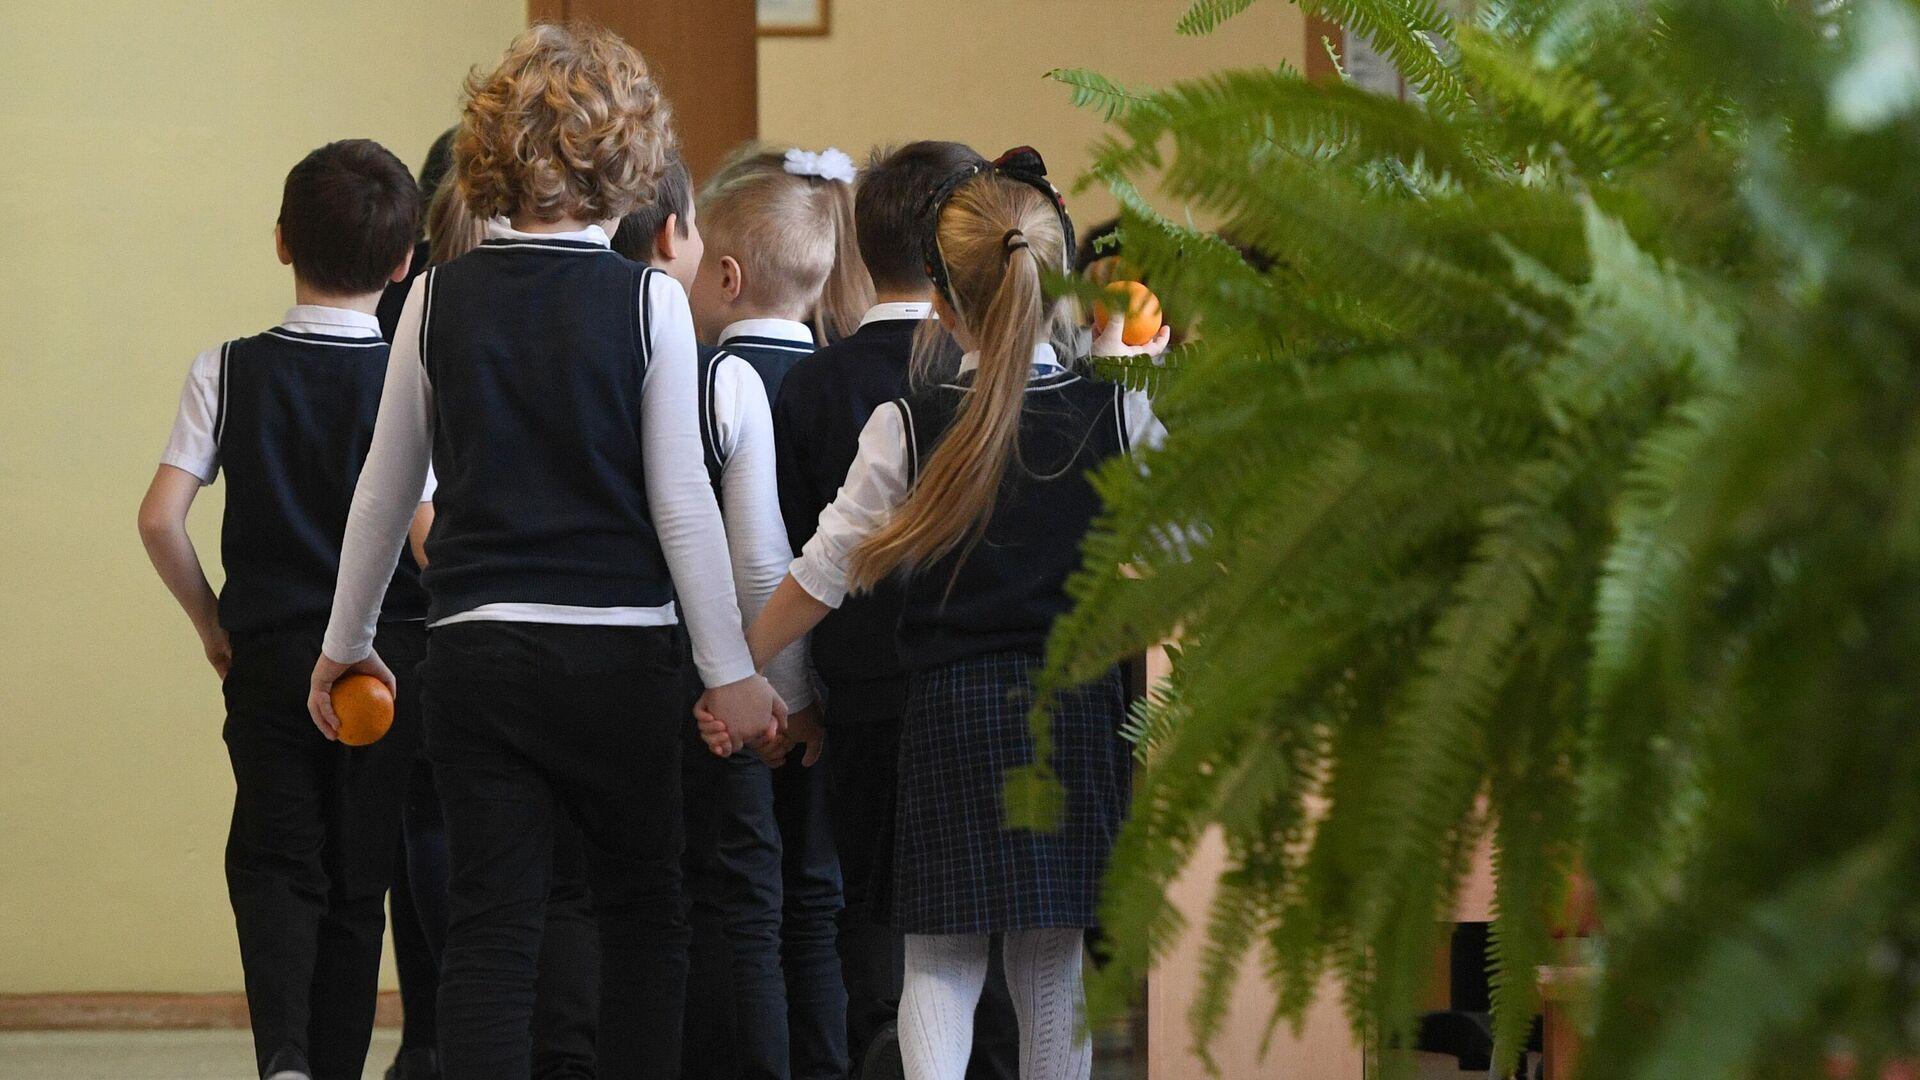 Ученики начальных классов в гимназии Новосибирска - РИА Новости, 1920, 28.07.2021